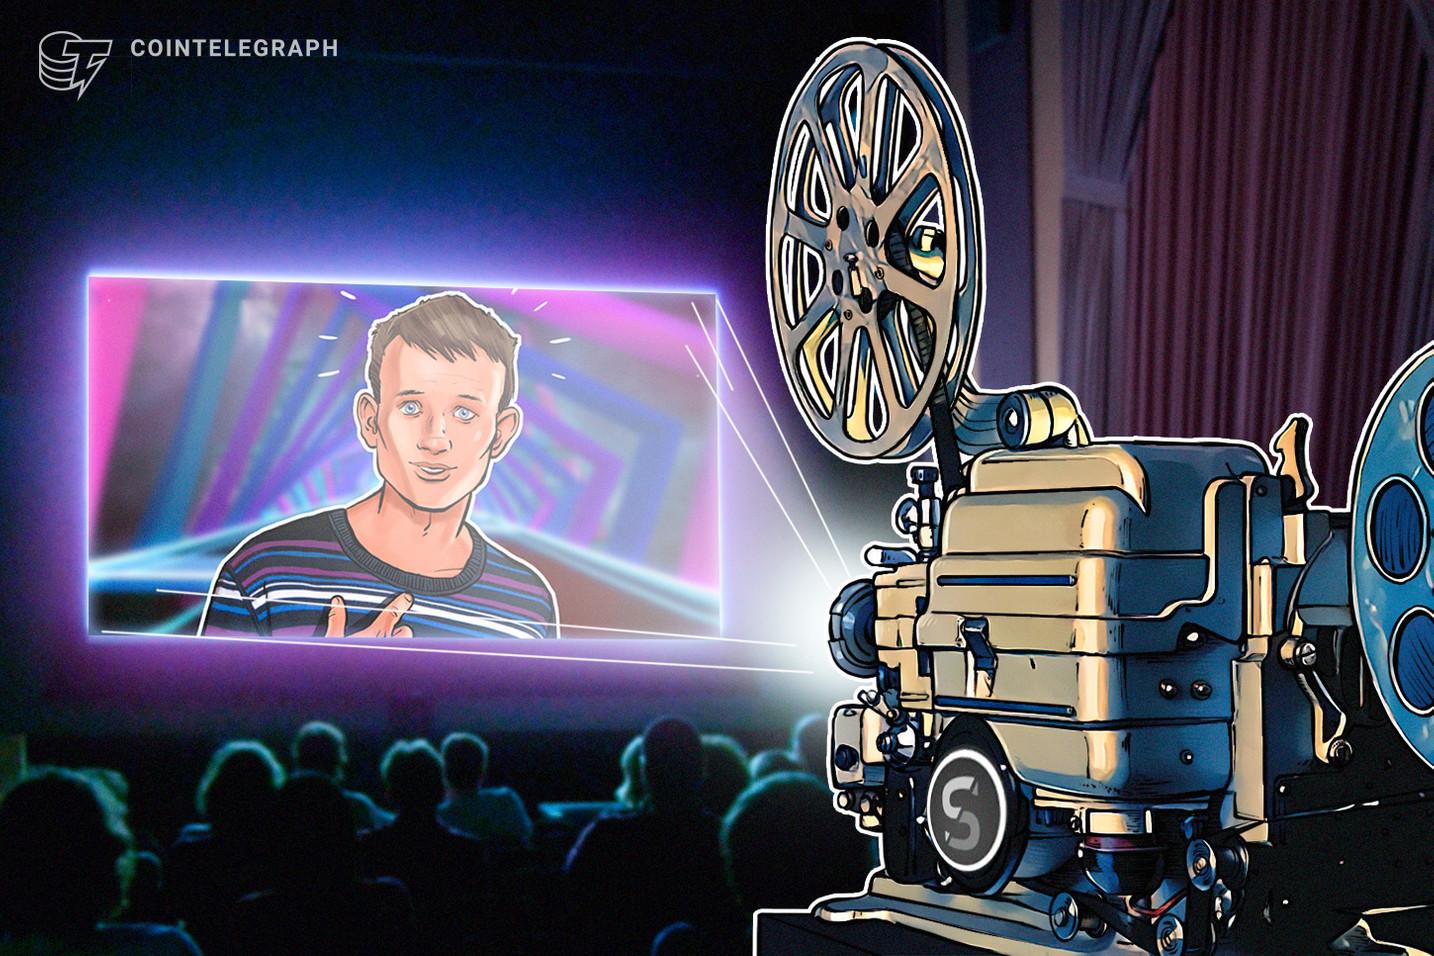 Dokumentárny film Ethereum predstavujúci Vitalika Buterina získa za 1.9 dni 3 milióna dolárov